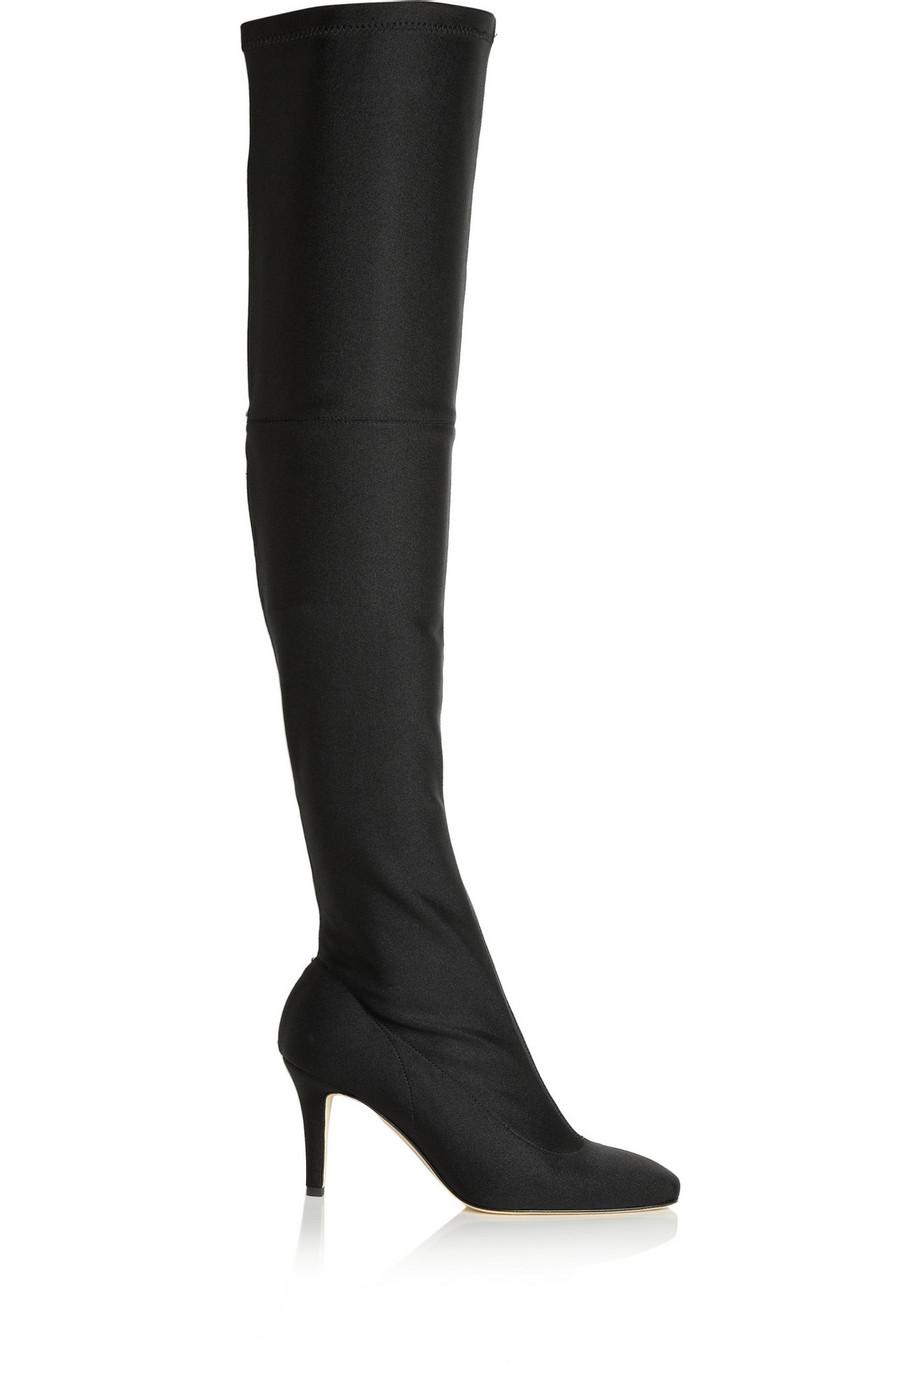 Oscar De La Renta Silvia scuba-jersey over-the-knee boots   Fancy Friday - Over the Knee Boots